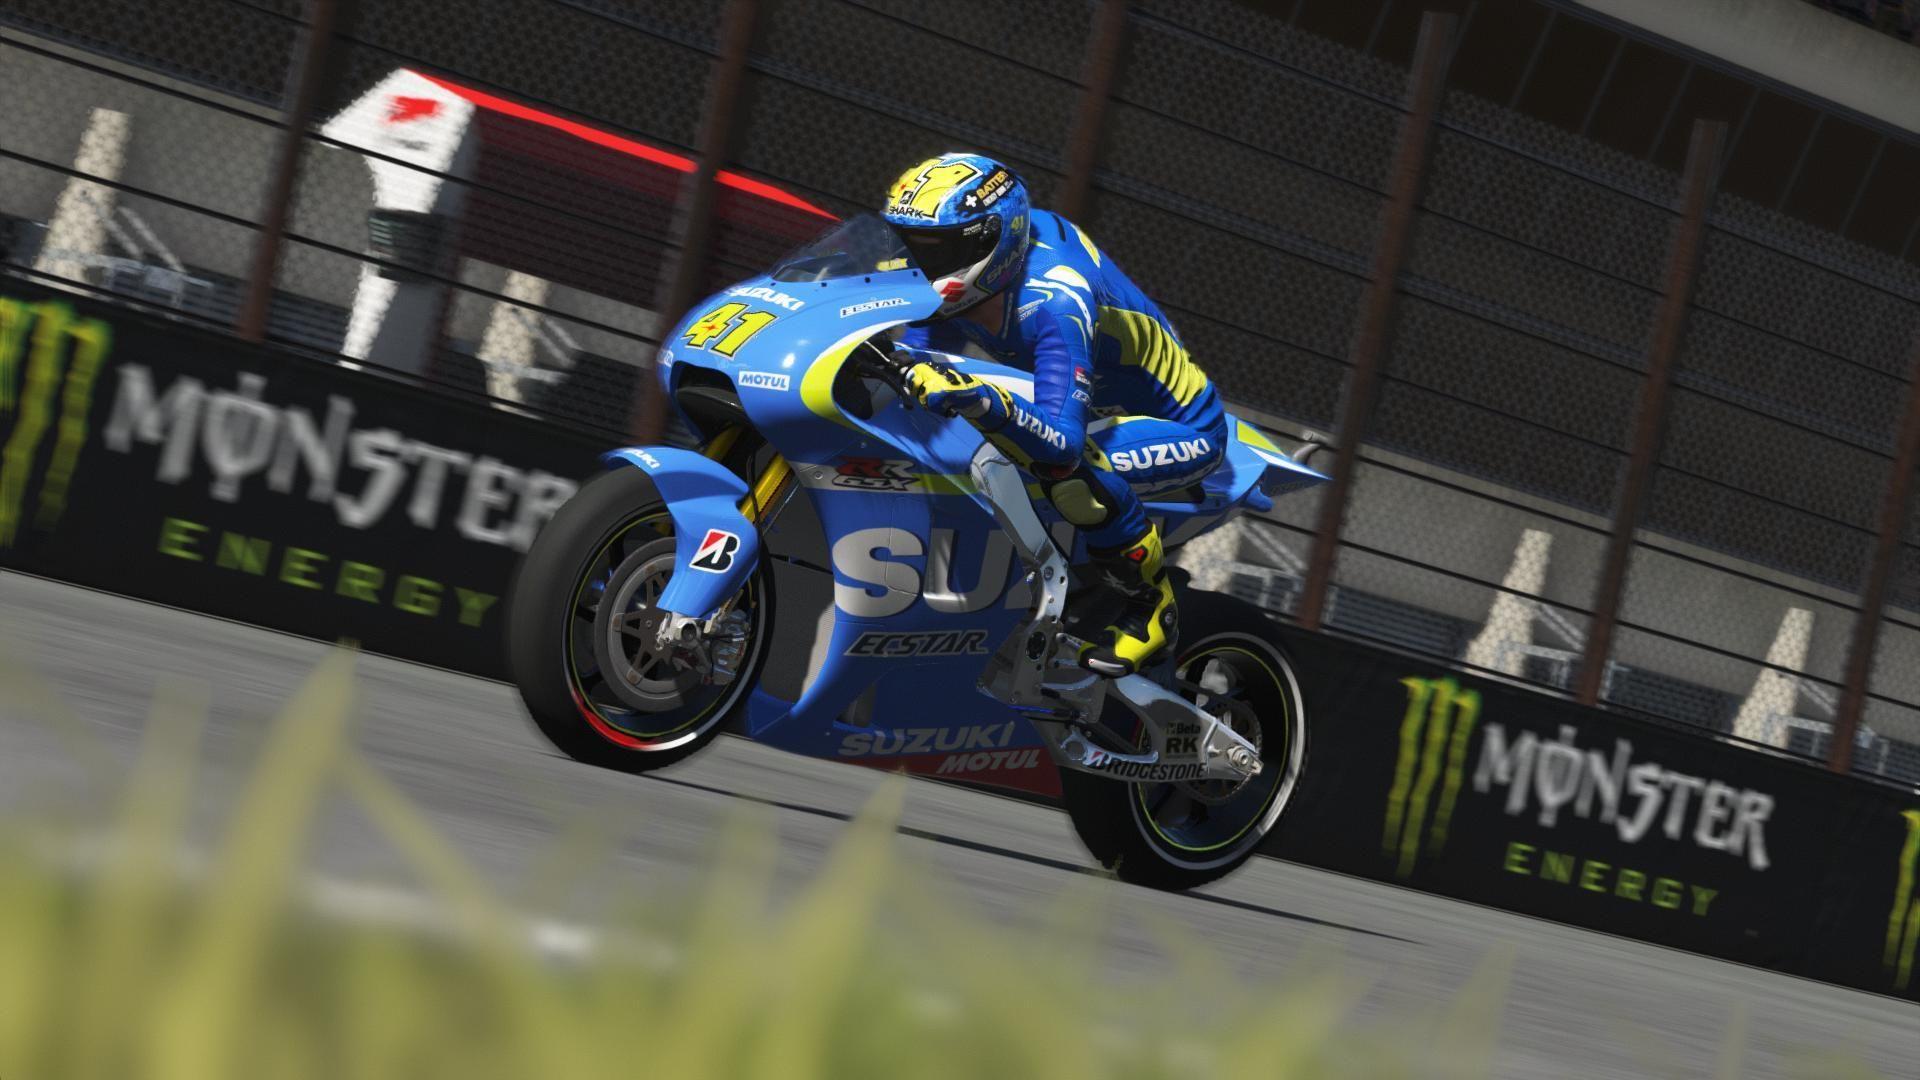 MotoGP 15 (PC) - 5